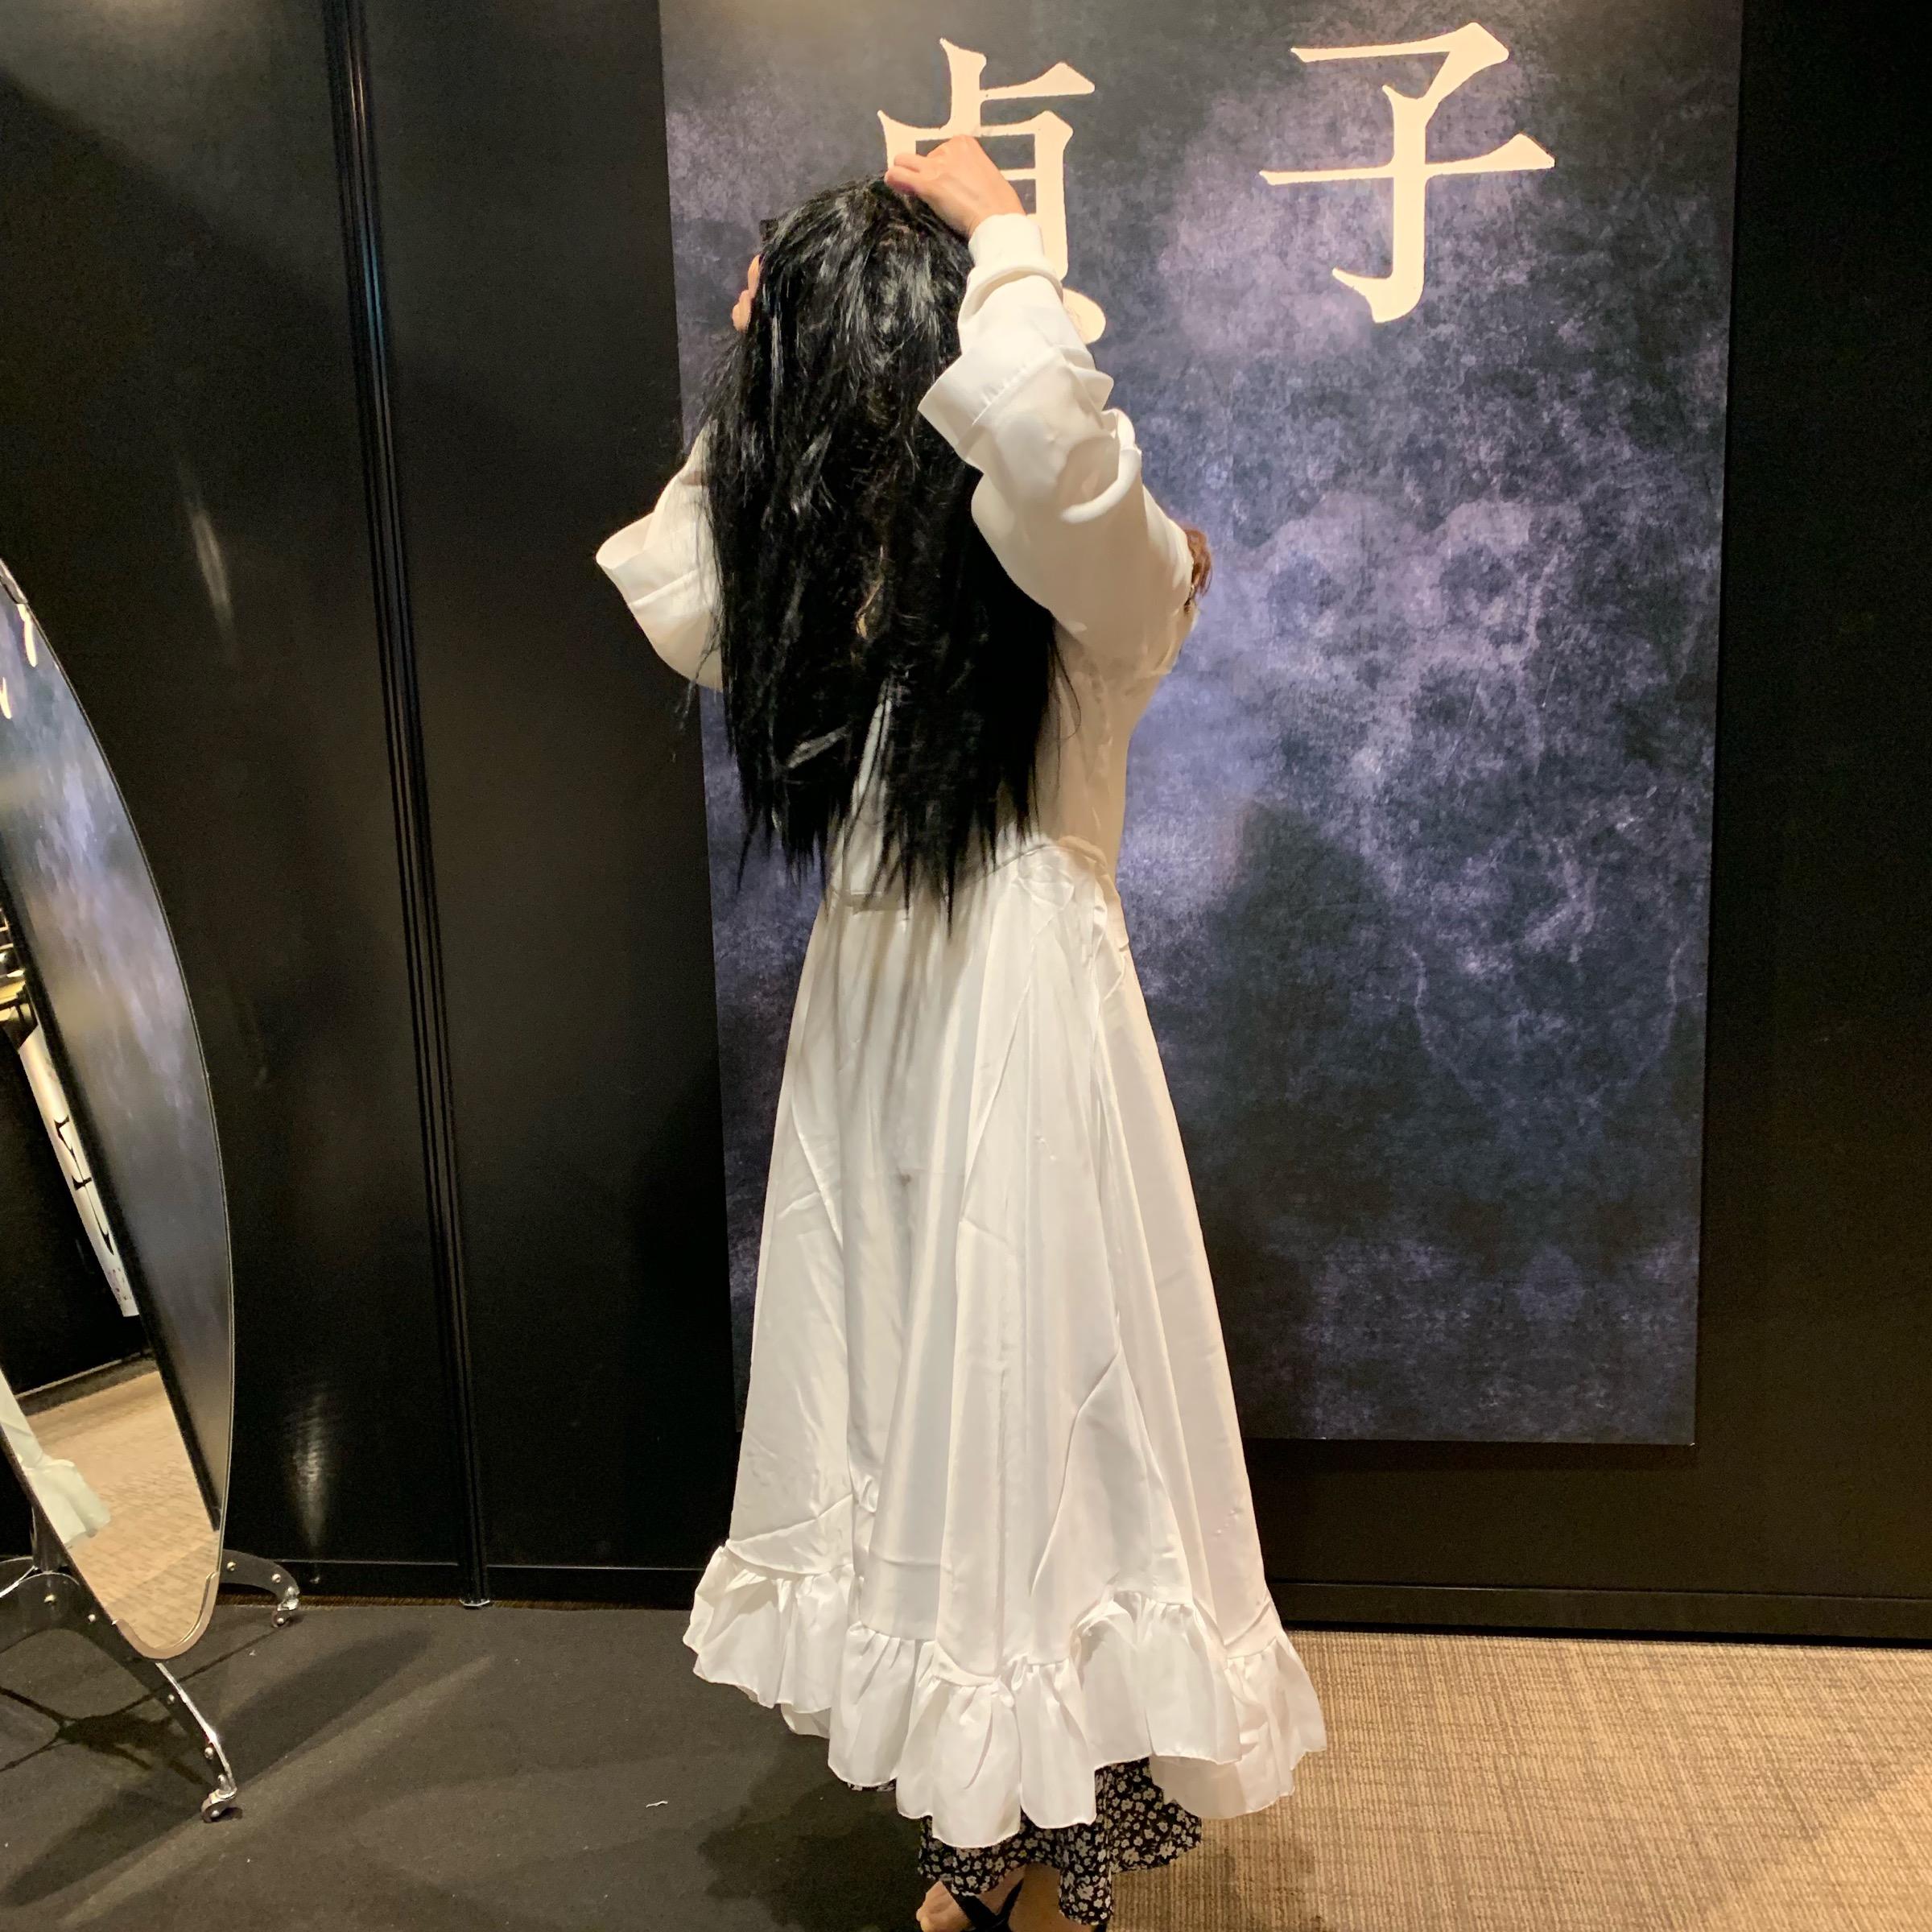 《思わずヒヤッ?!》なインスタ映え 貞子展で貞子体験してきた!_6